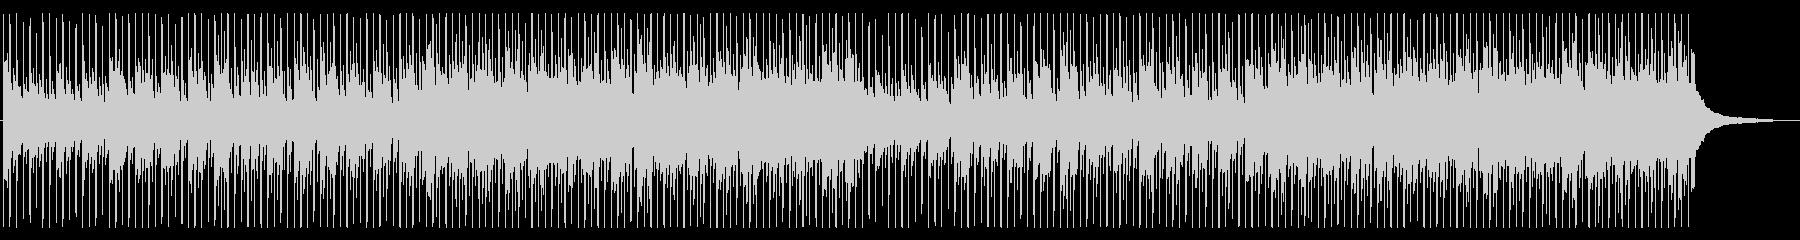 企業VPやCMに!爽やか4つ打ちピアノの未再生の波形